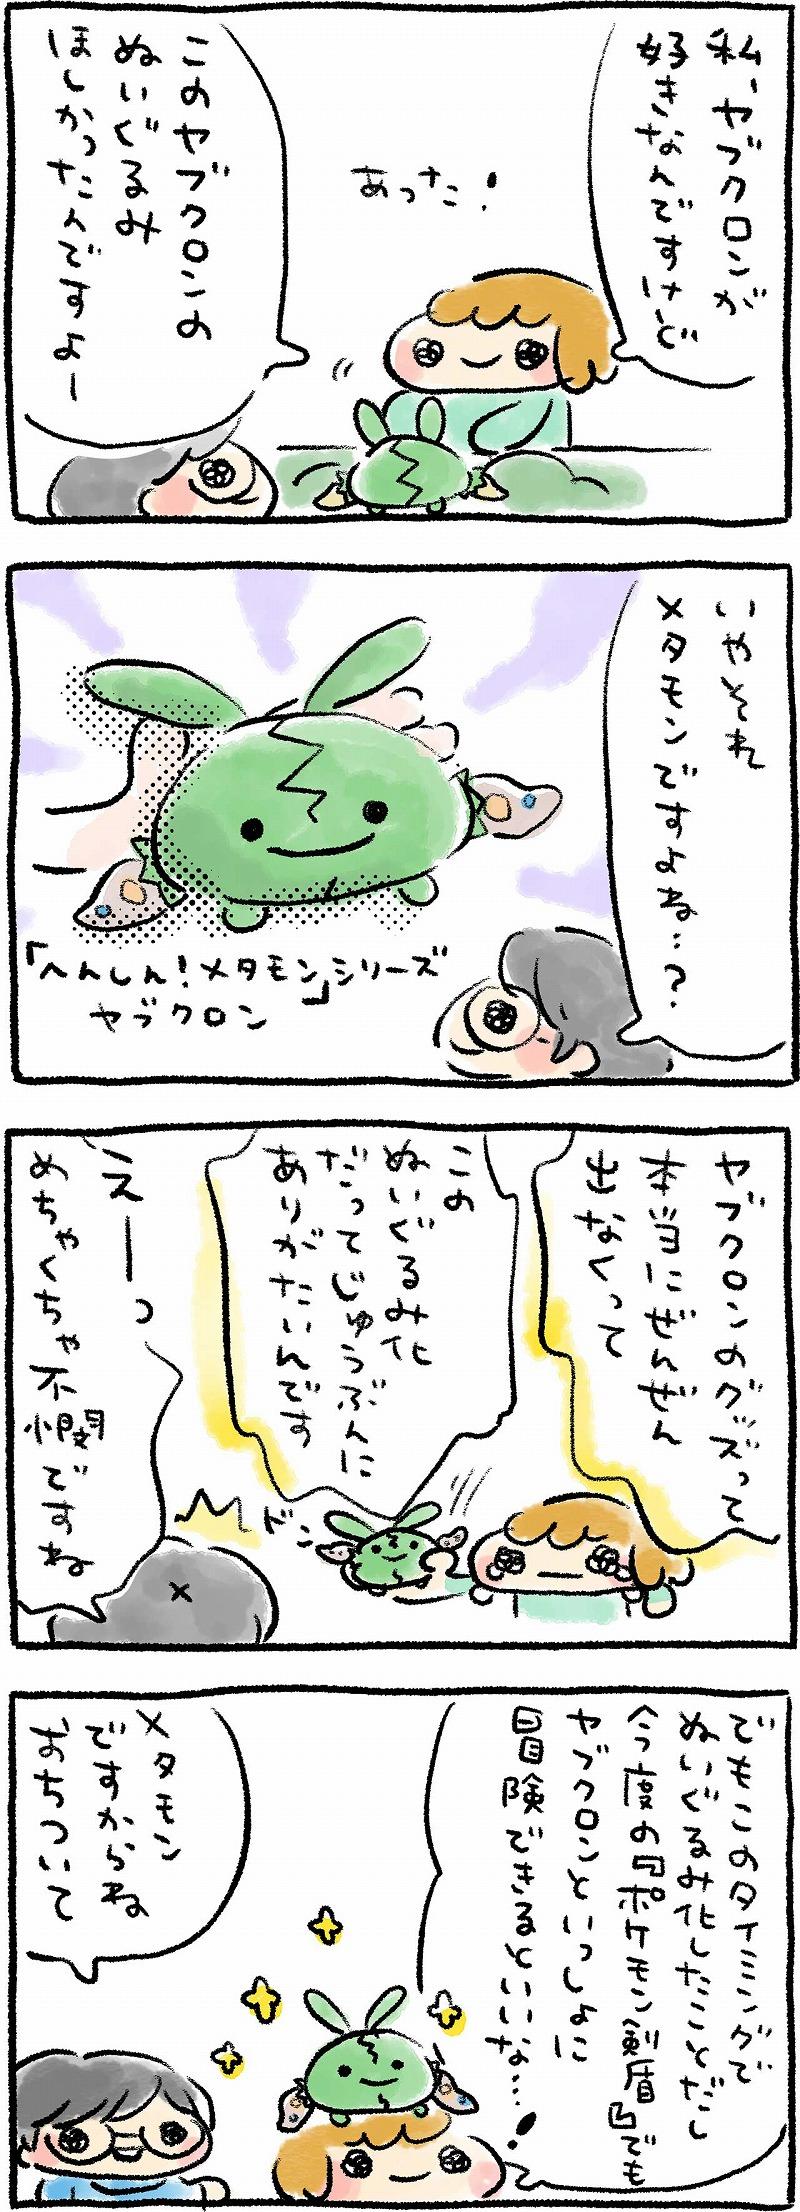 ポケモン 剣 盾 カレー 図鑑